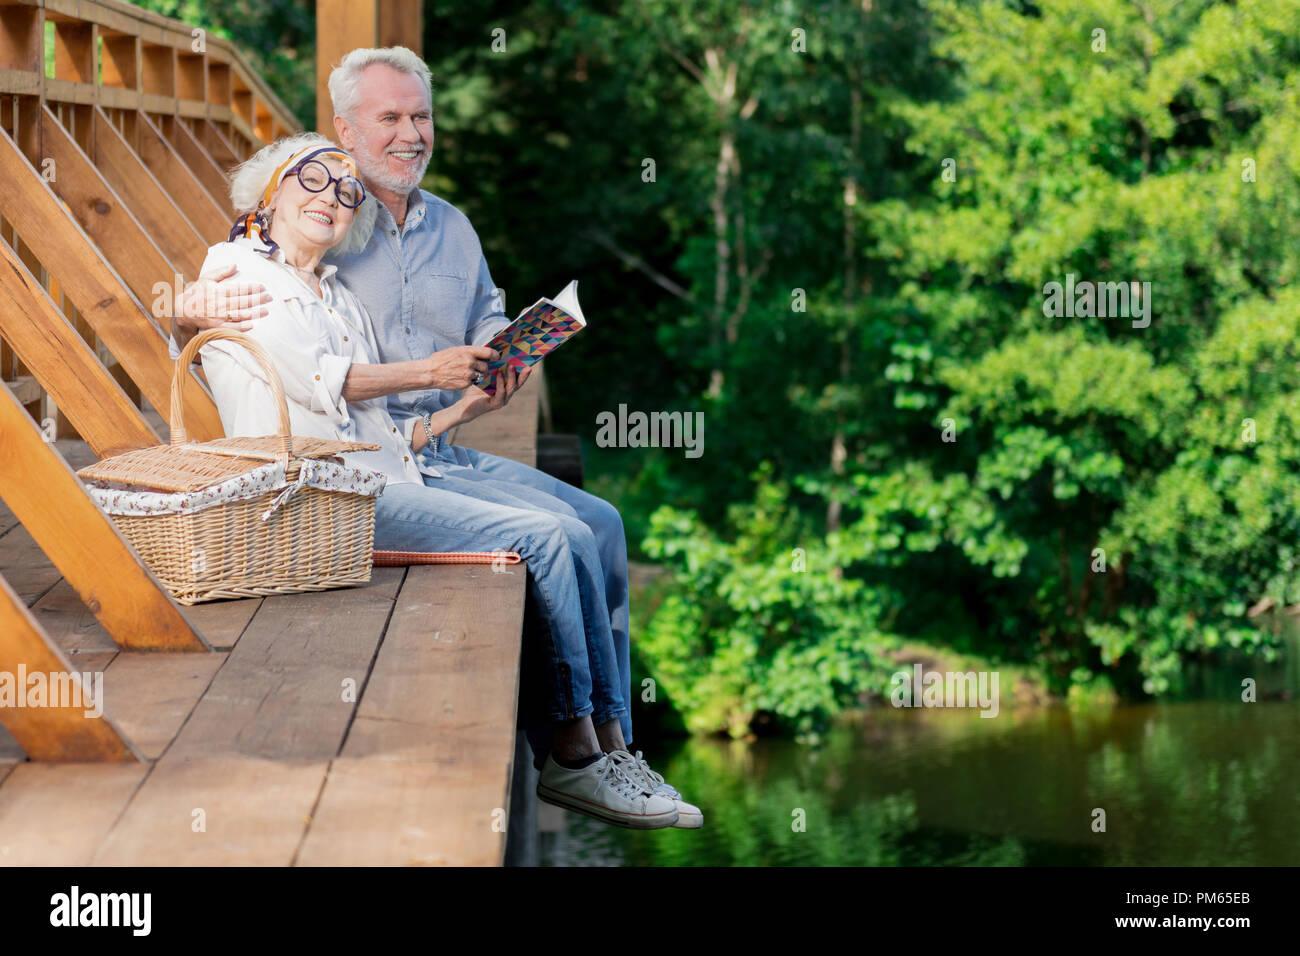 Schönen im Alter von Paar sitzt auf der Brücke und umarmen Stockbild